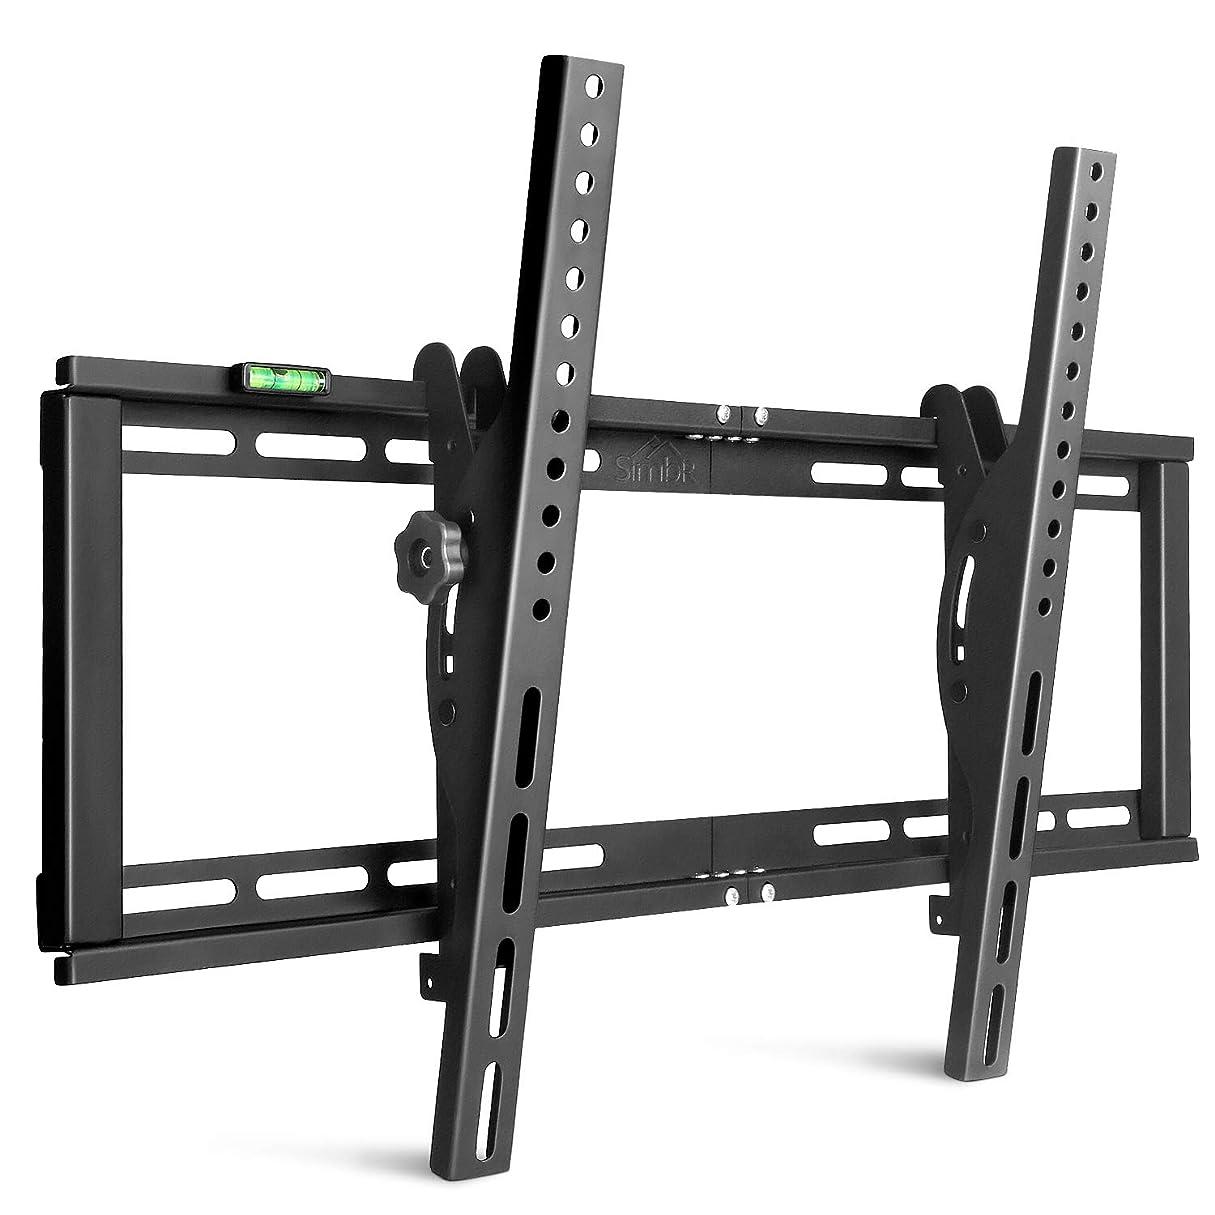 単に堀自治的テレビ壁掛け金具 Simbr 26~75インチLCD LED液晶テレビ対応 強度抜群 左右移動式 上下角度調節可能 VESA対応 最大600*400mm 耐荷重60kg